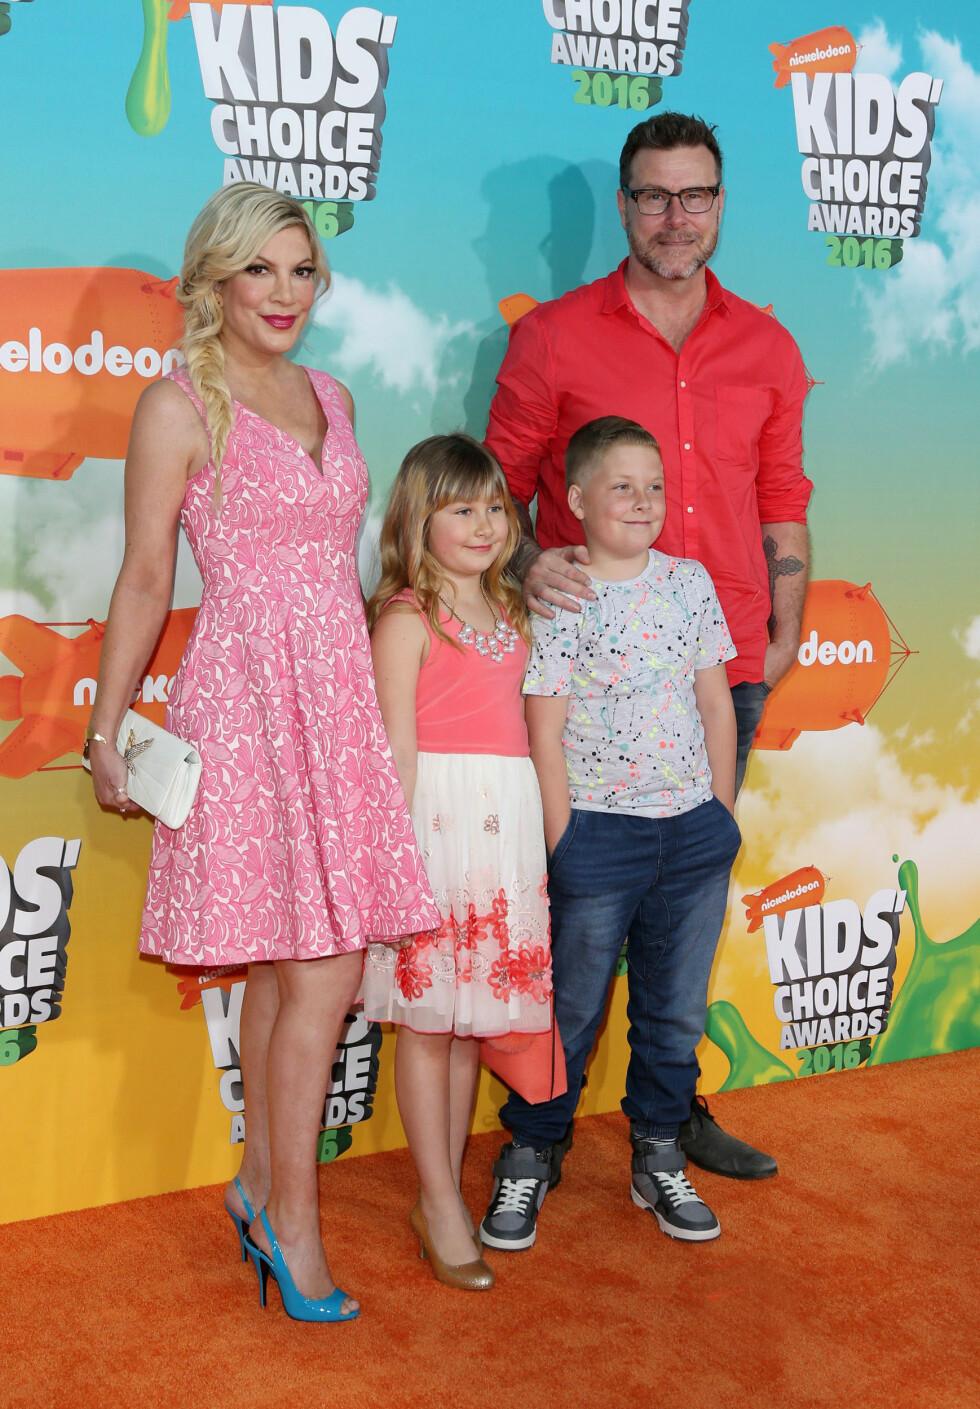 STIVE SMIL: Tori Spelling og Dean McDermott hadde tatt med seg barna Liam (9) og Stella (7) på Kids' Choice Awards.  Foto: NTB Scanpix